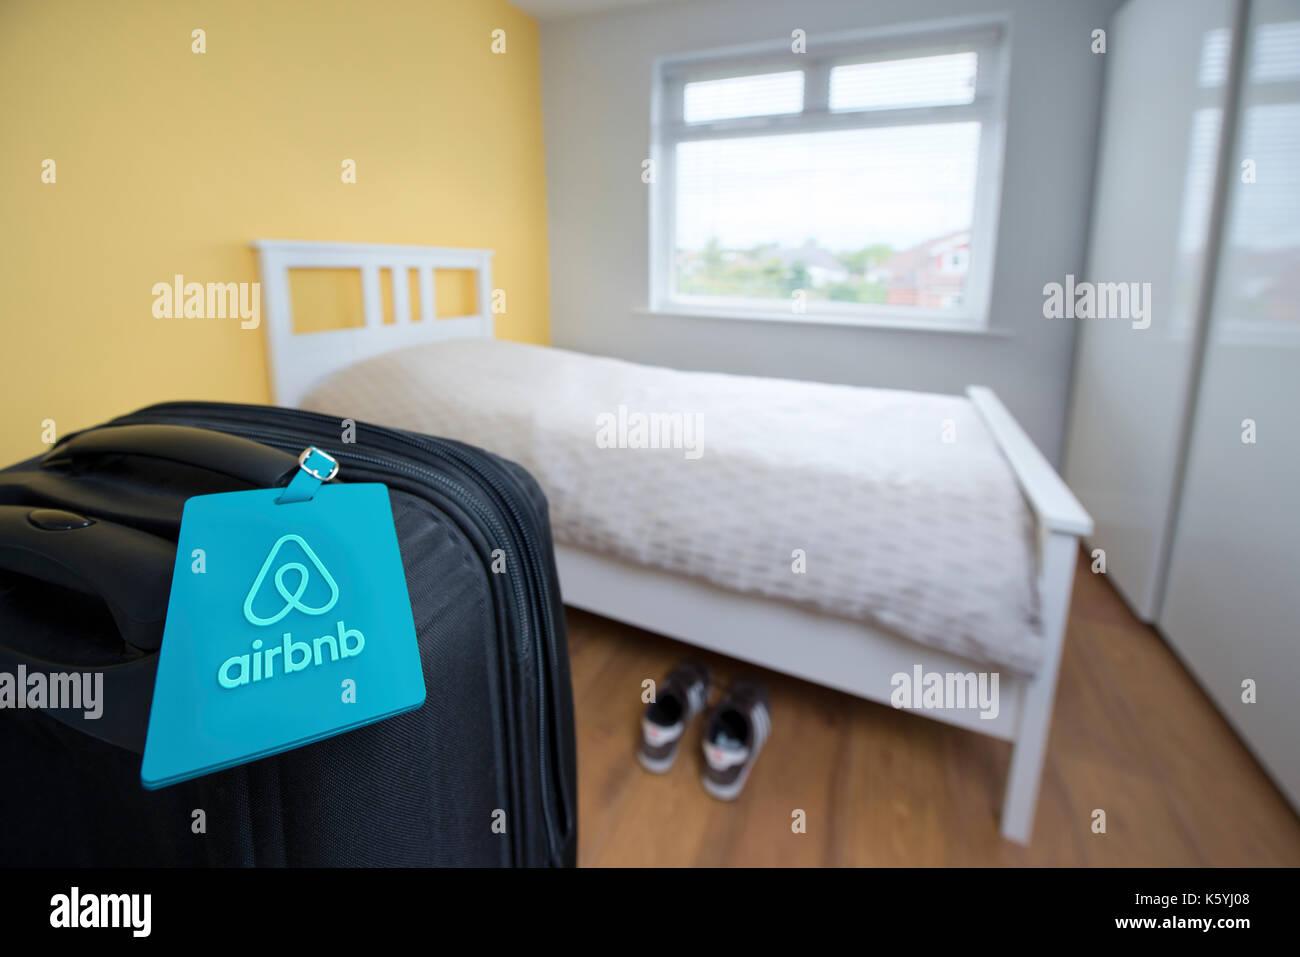 Eine Airbnb branded Kofferanhänger mit einem Koffer in einem Schlafzimmer zur Verfügung als Teil einer Stockbild